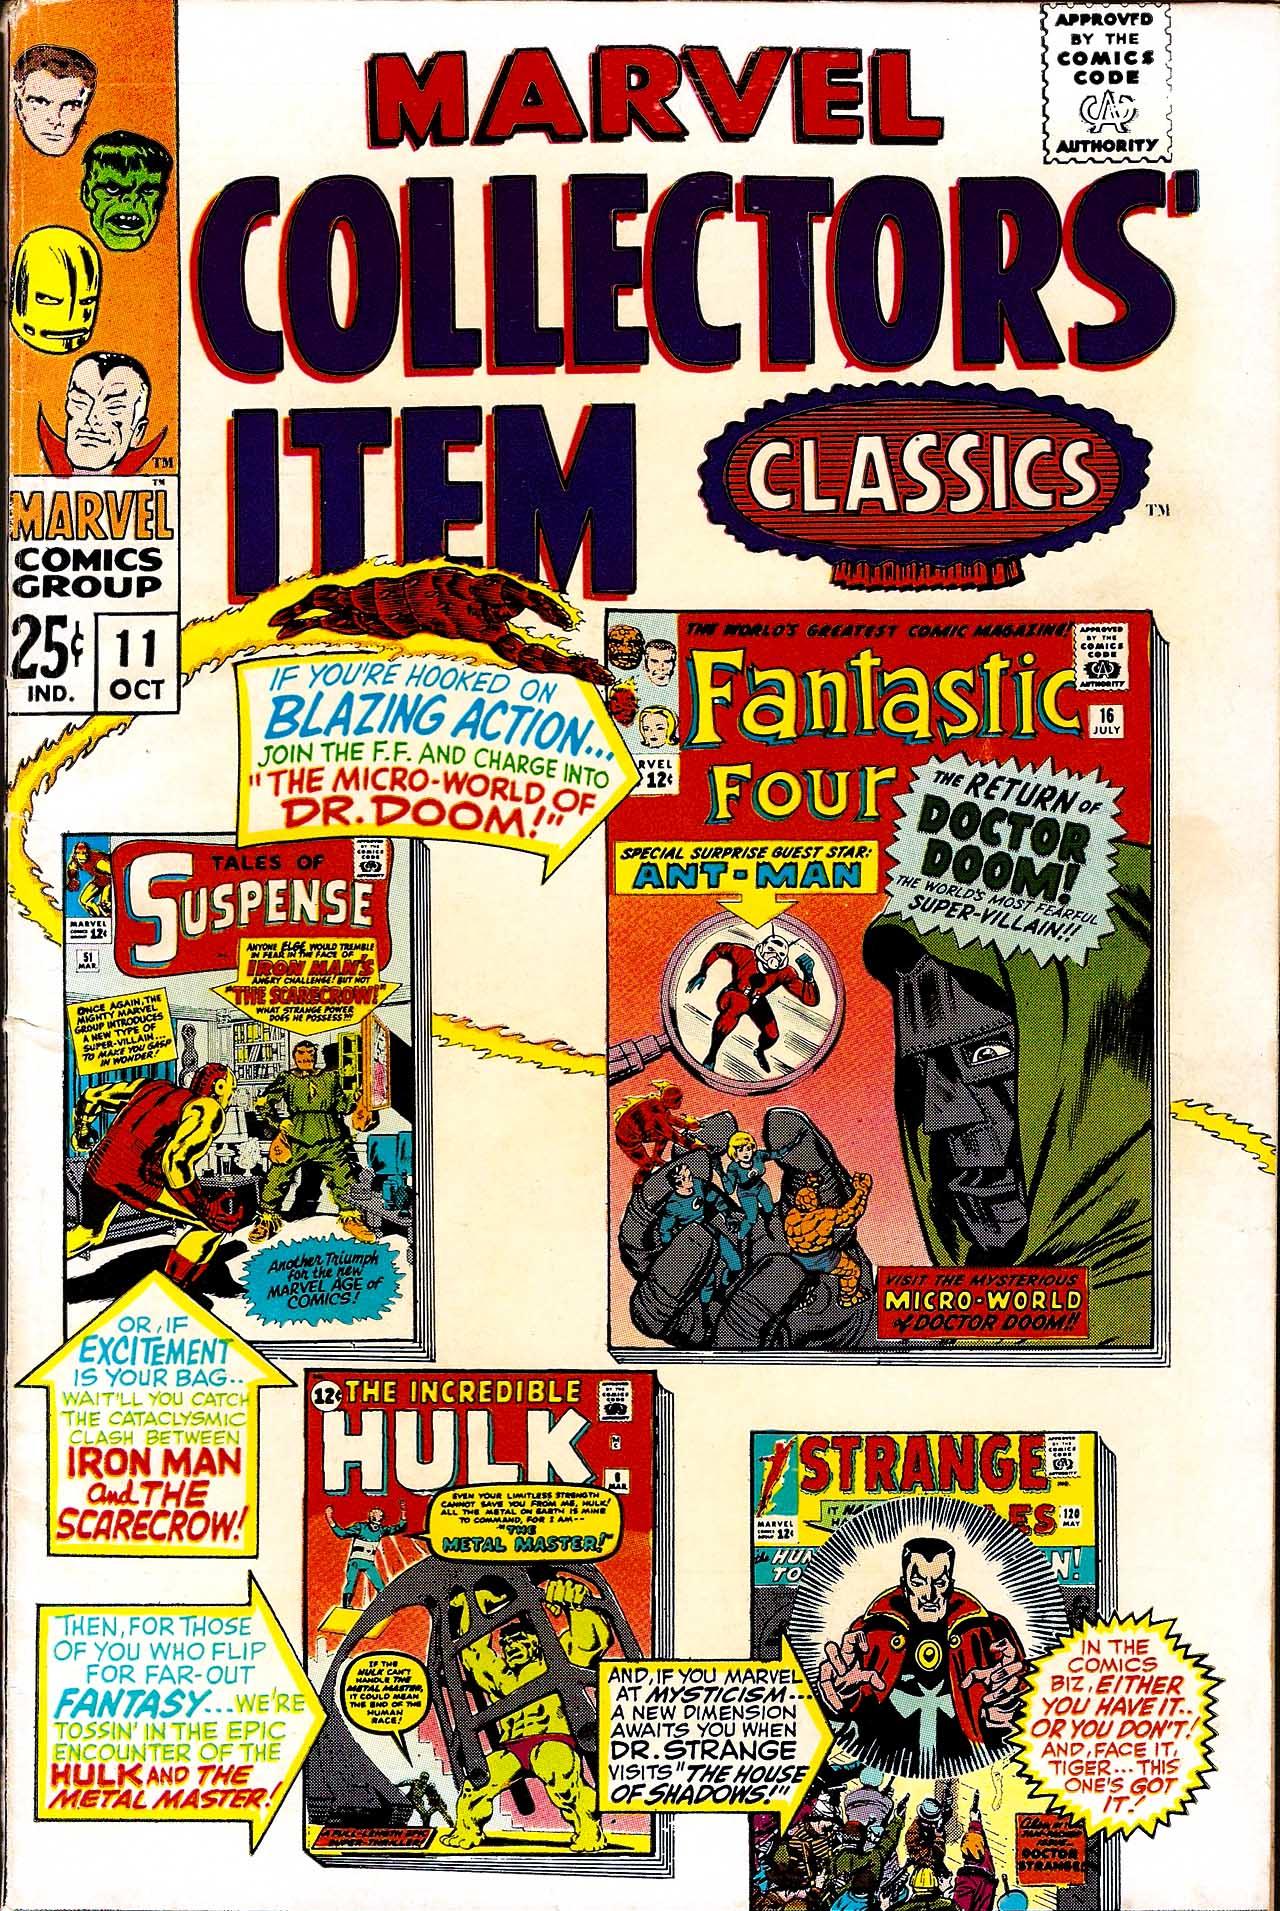 Marvel Collectors Item Classics 11 Page 1